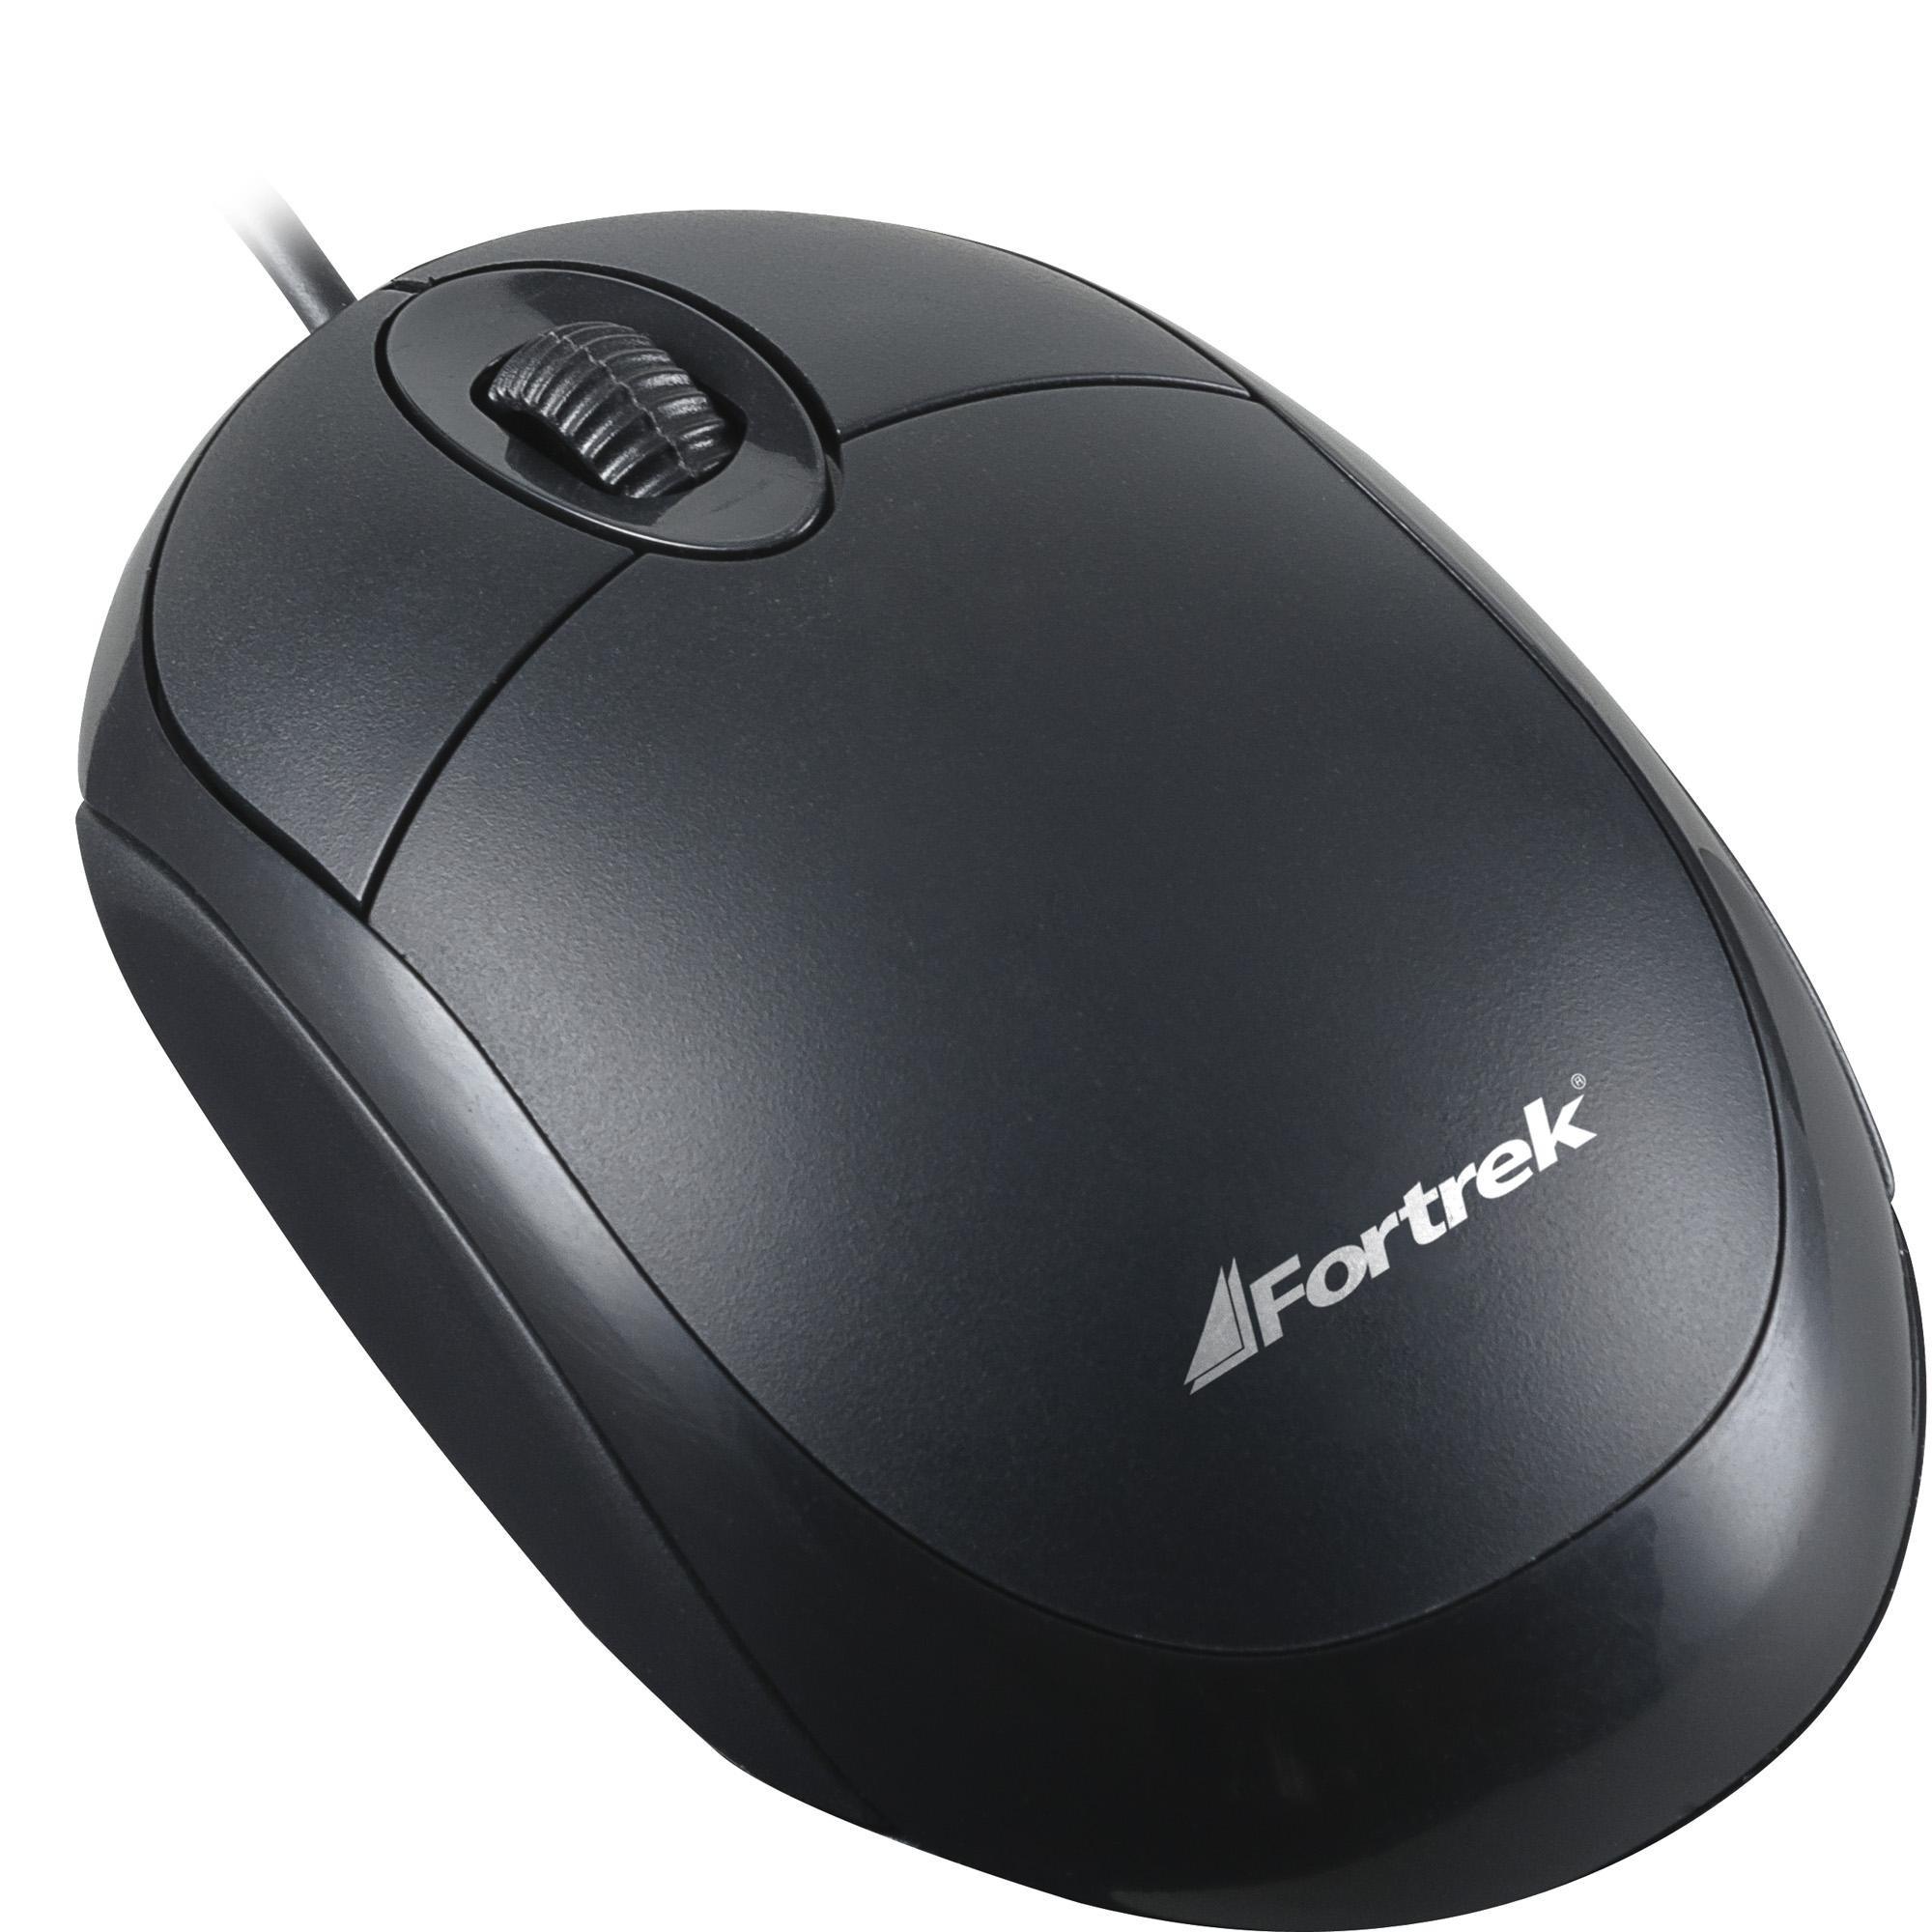 Mouse Optico USB 800Dpi OML101 62845 - Fortrek